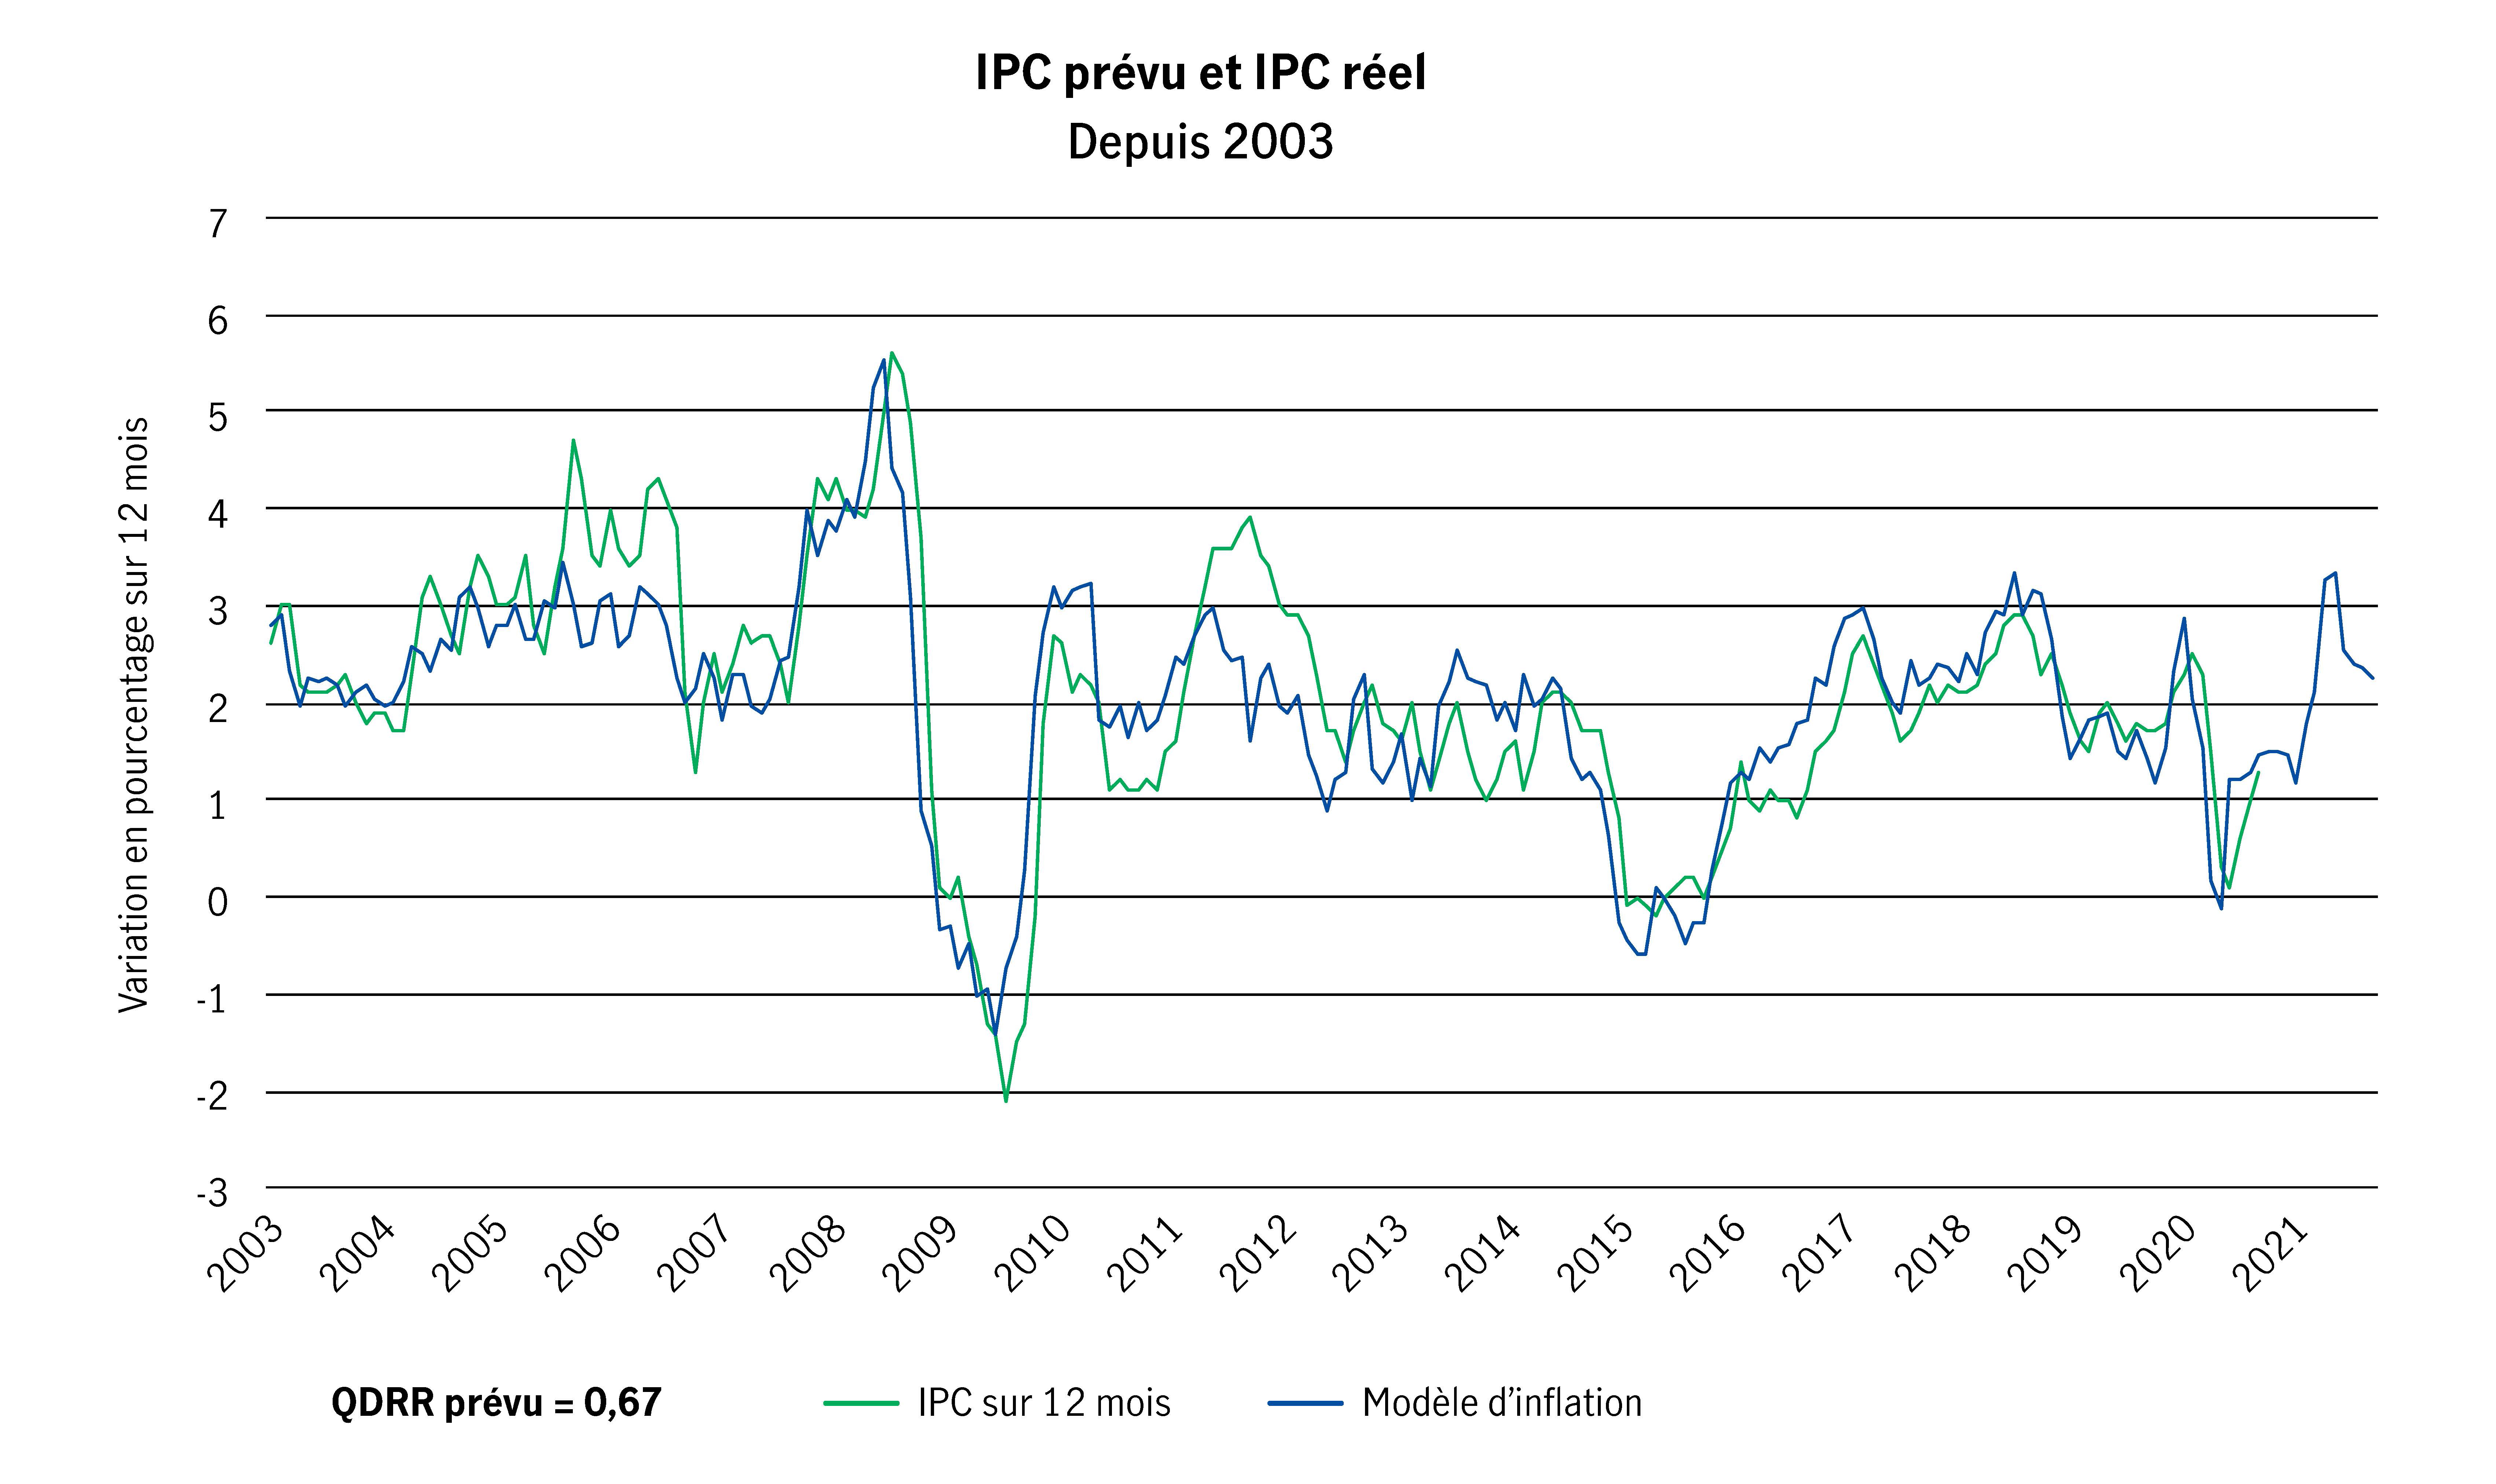 Nous nous attendons à une poussée d'inflation en 2021, qui se stabilisera dans une fourchette de 2,5 % à 3 % pendant une période prolongée. Il s'agira d'une inflation monétaire soutenue par de nouvelles mesures de relance budgétaire aux États-Unis, qui entraîneront une nouvelle dévaluation du dollar américain